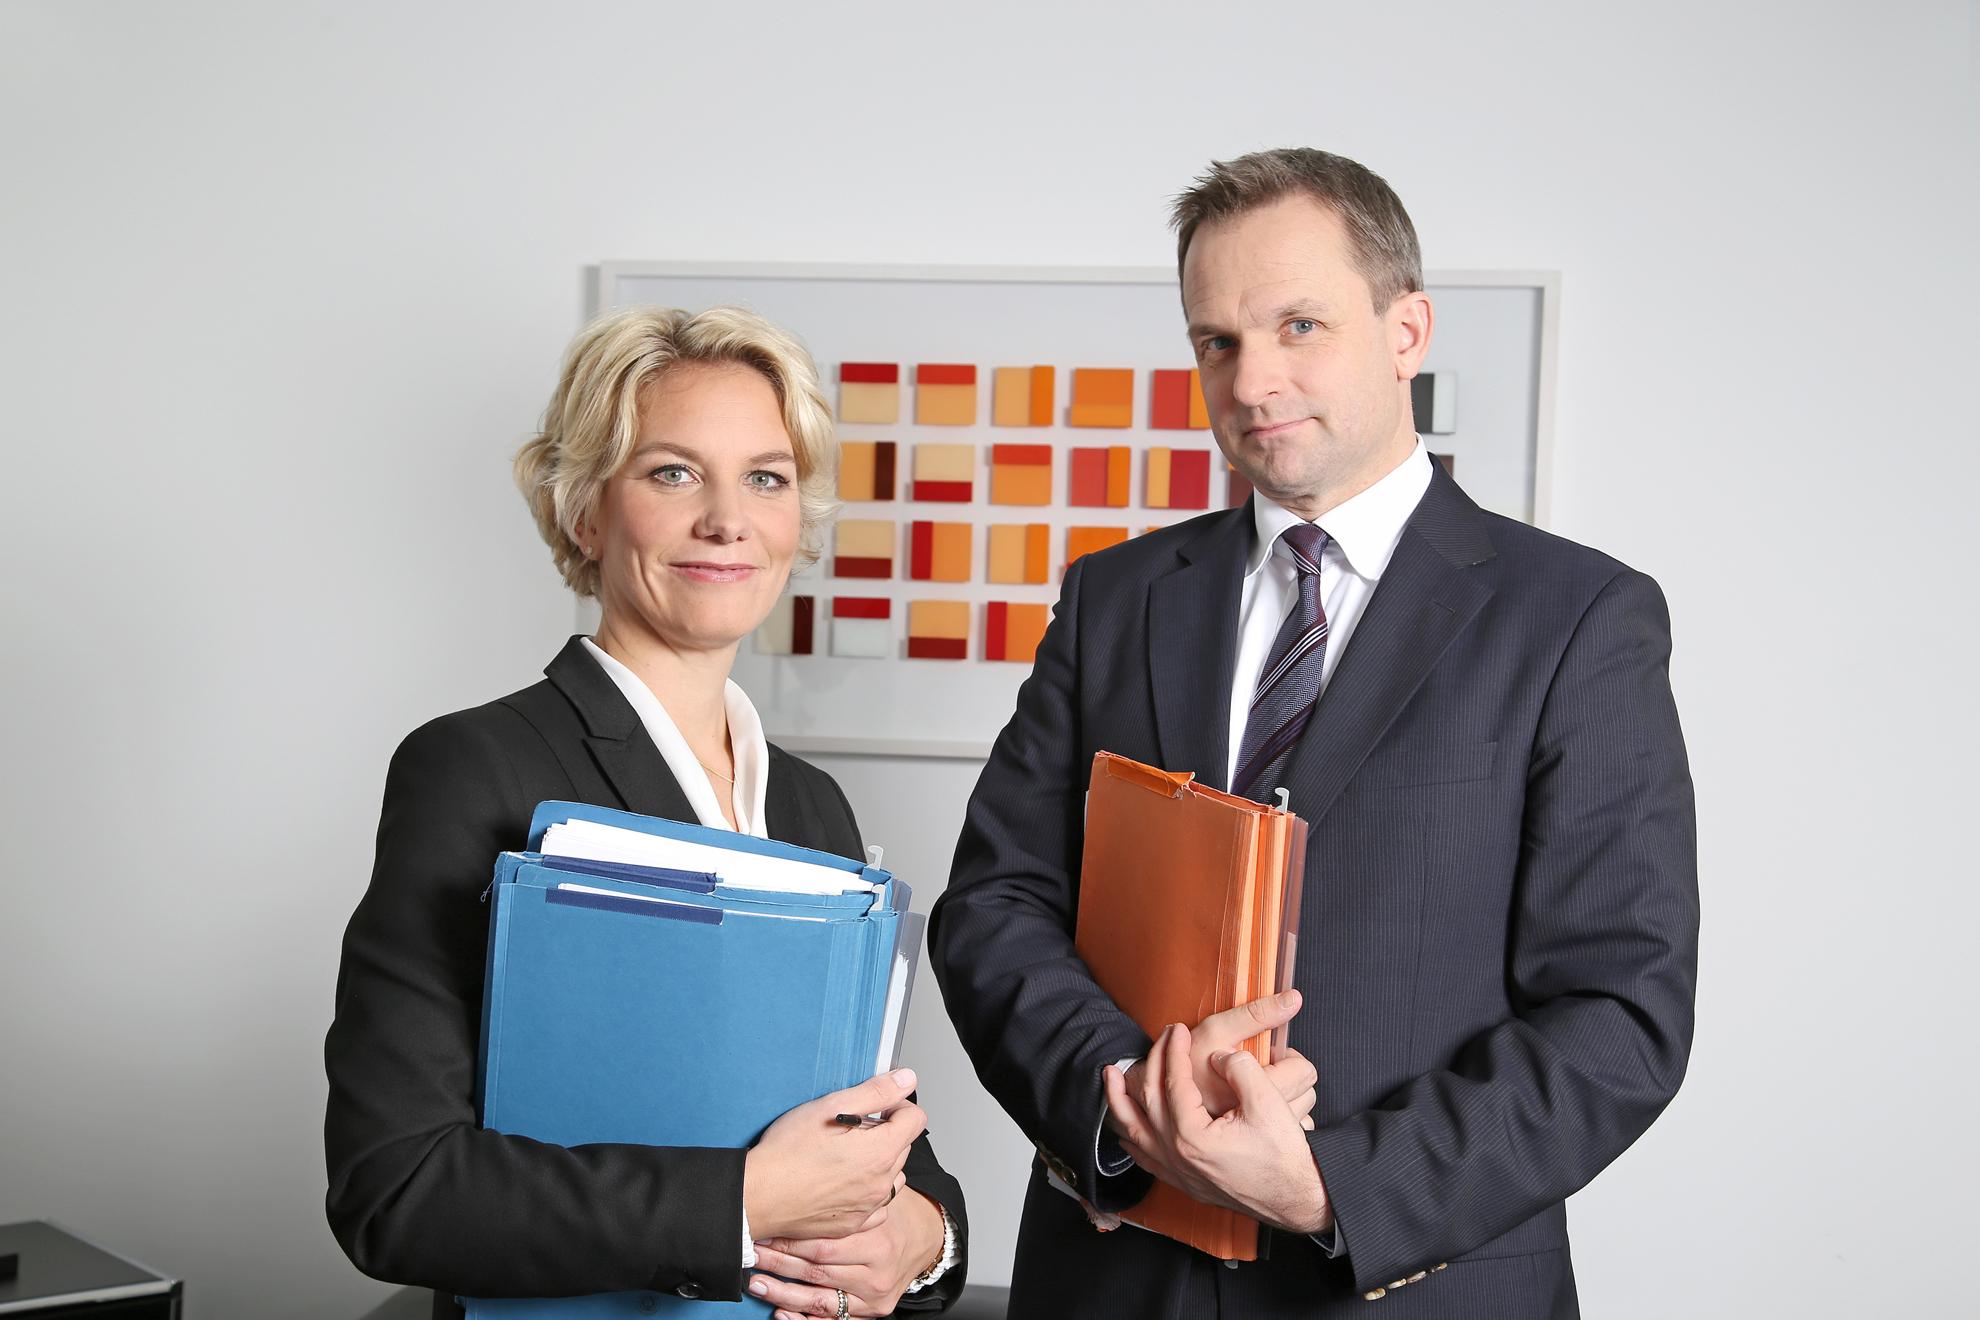 Nicole Mutschke Rechtsanwaltsgesellschaft mbH Henning linnenberg